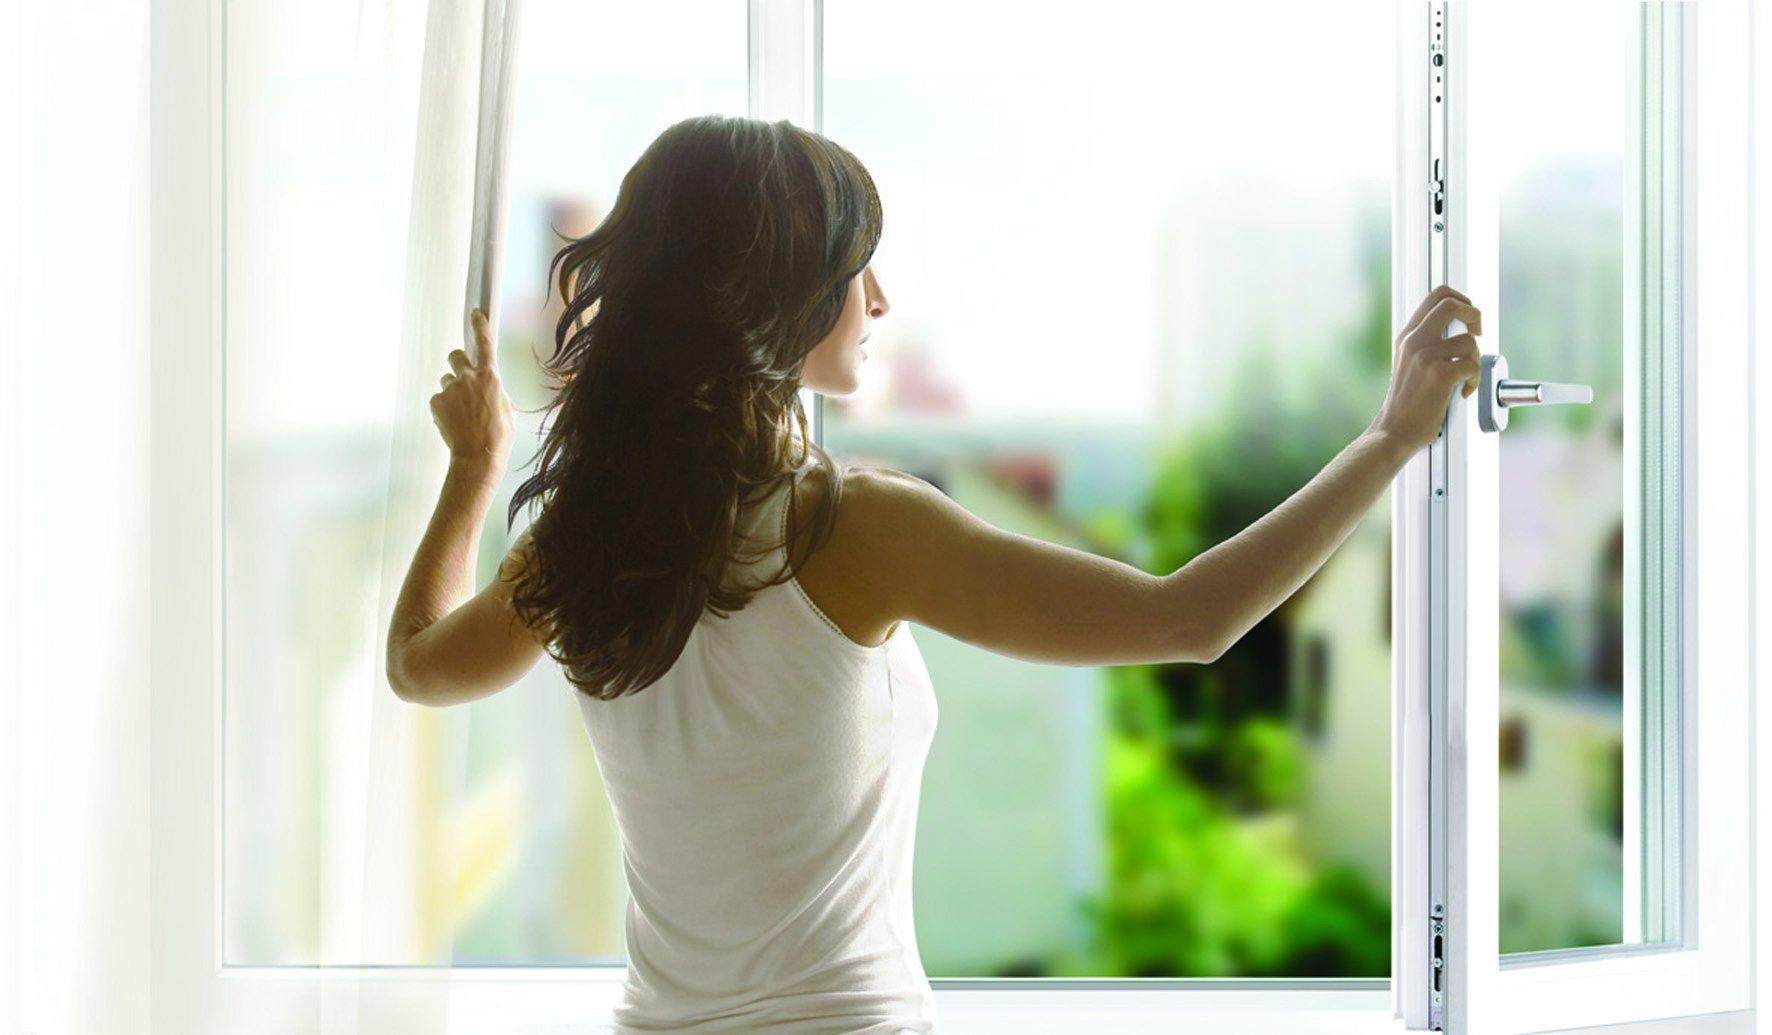 Снимает соседку через окно 22 фотография